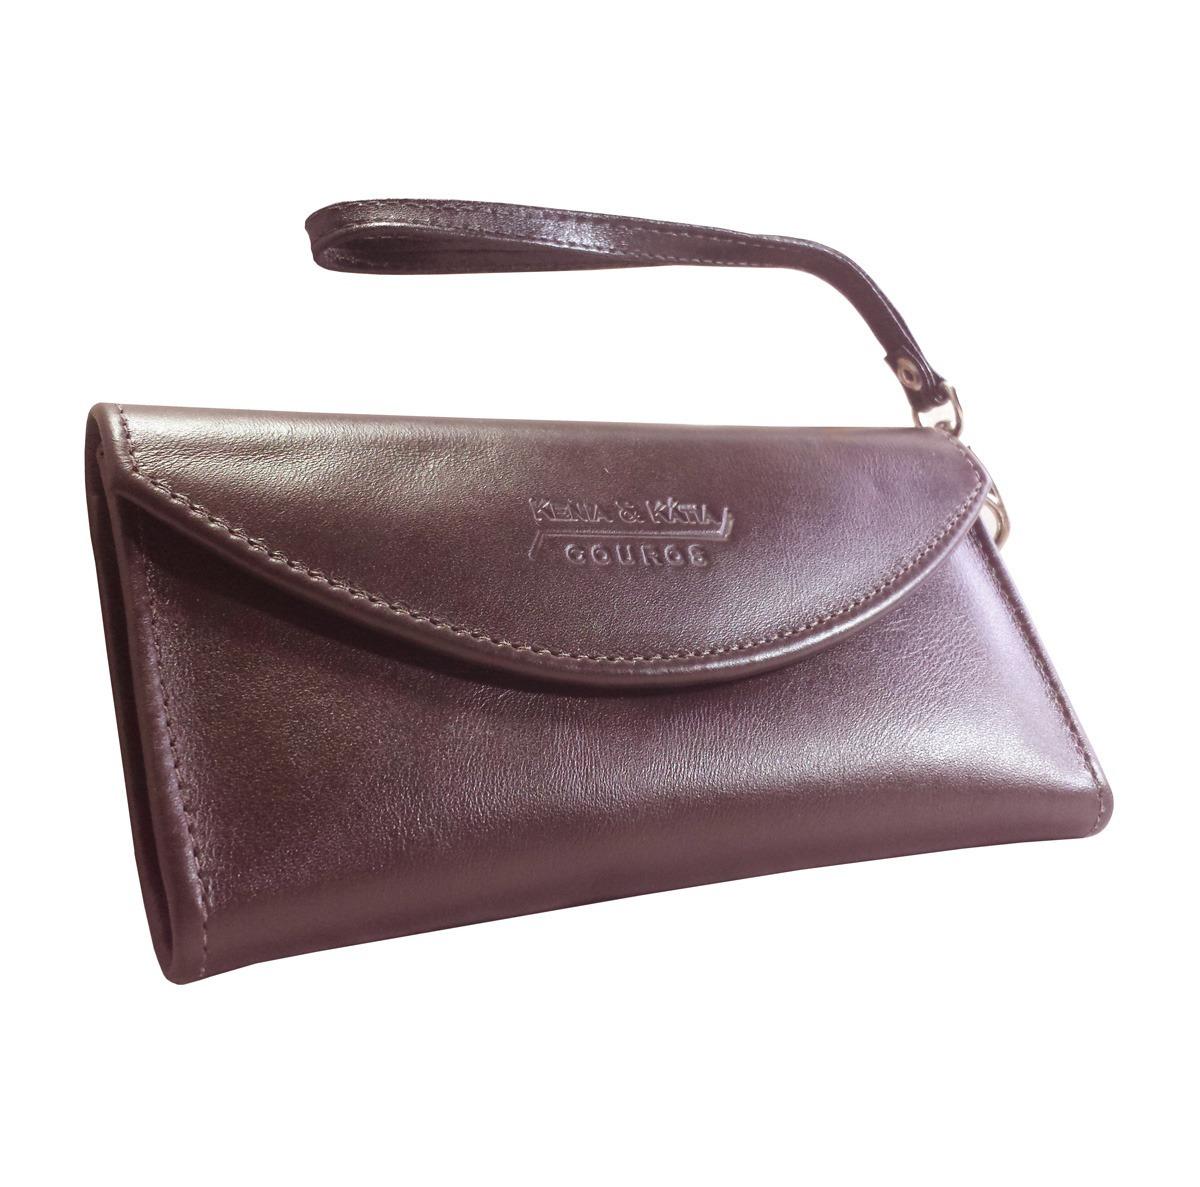 31189a694 bolsa de mão carteira feminina couro legítimo marrom cartões. Carregando  zoom.